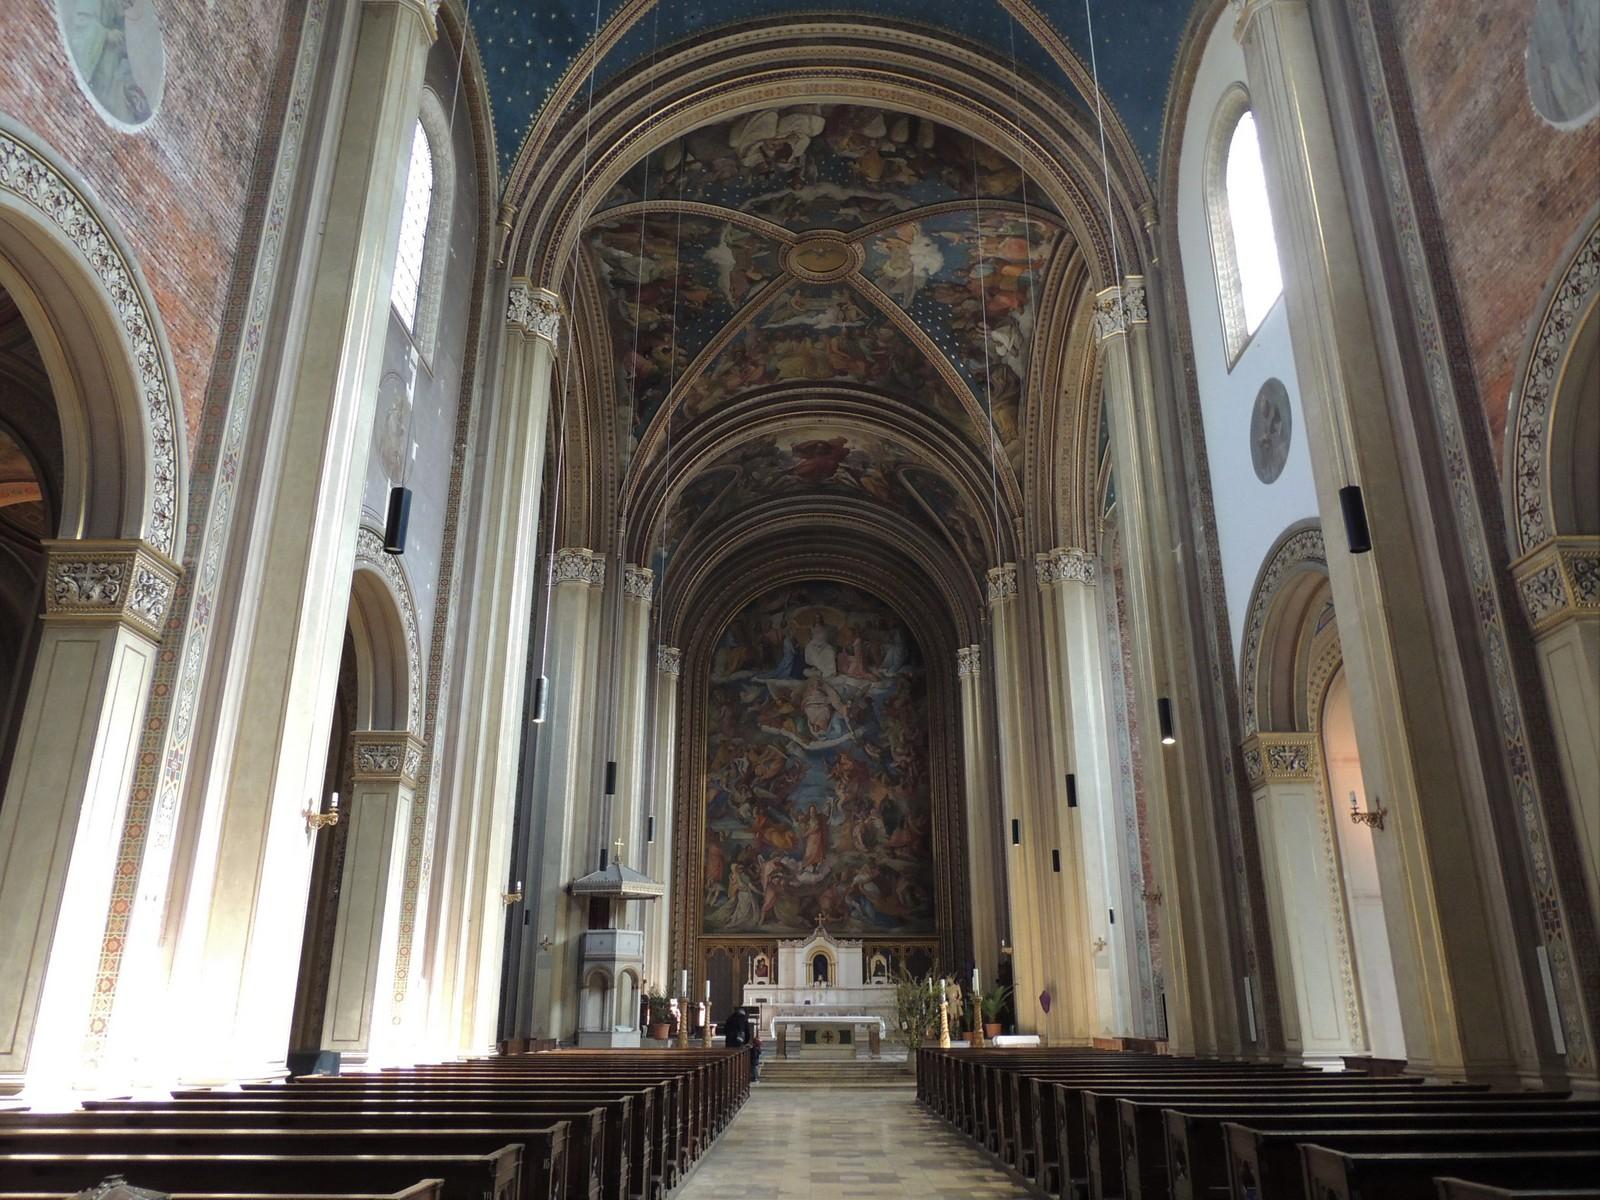 Das Jüngste Gericht von Peter von Cornelius - St. Ludwig München